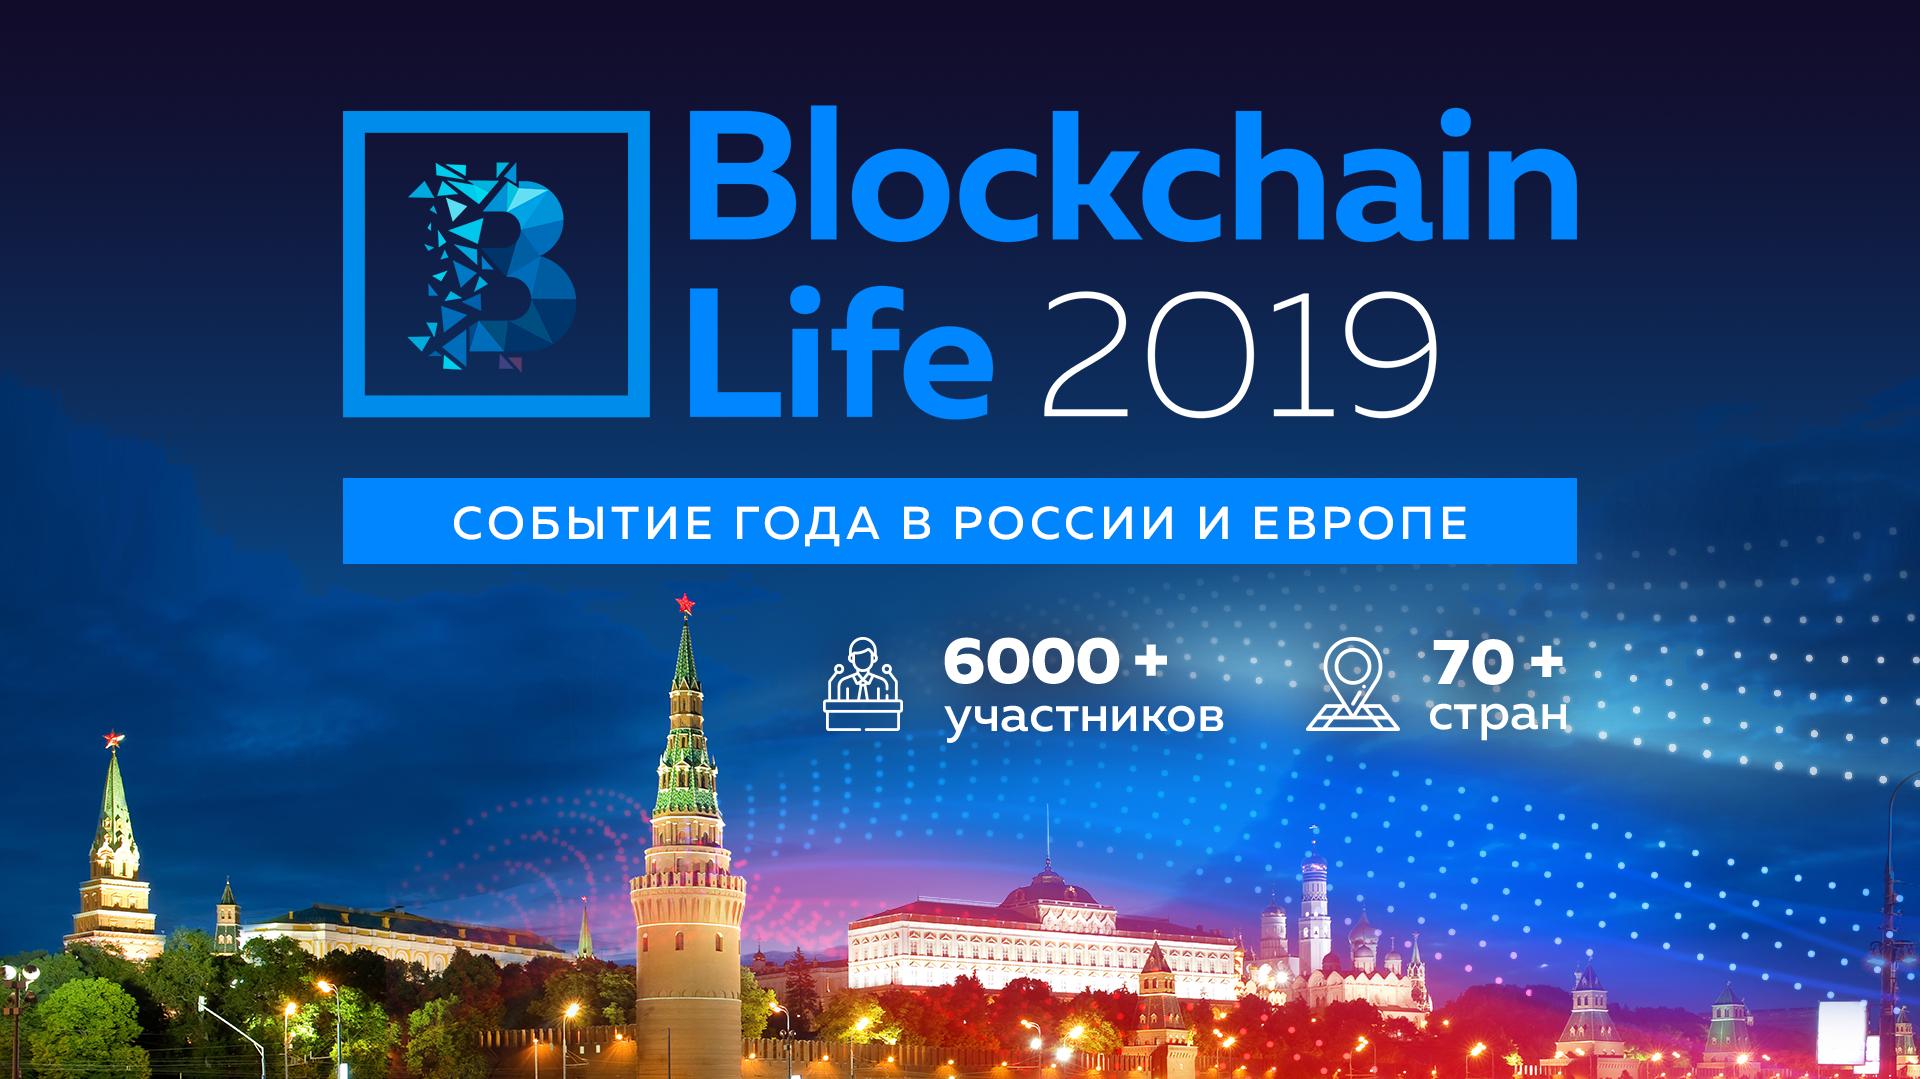 На Blockchain Life в Москве продано более 4800 билетов